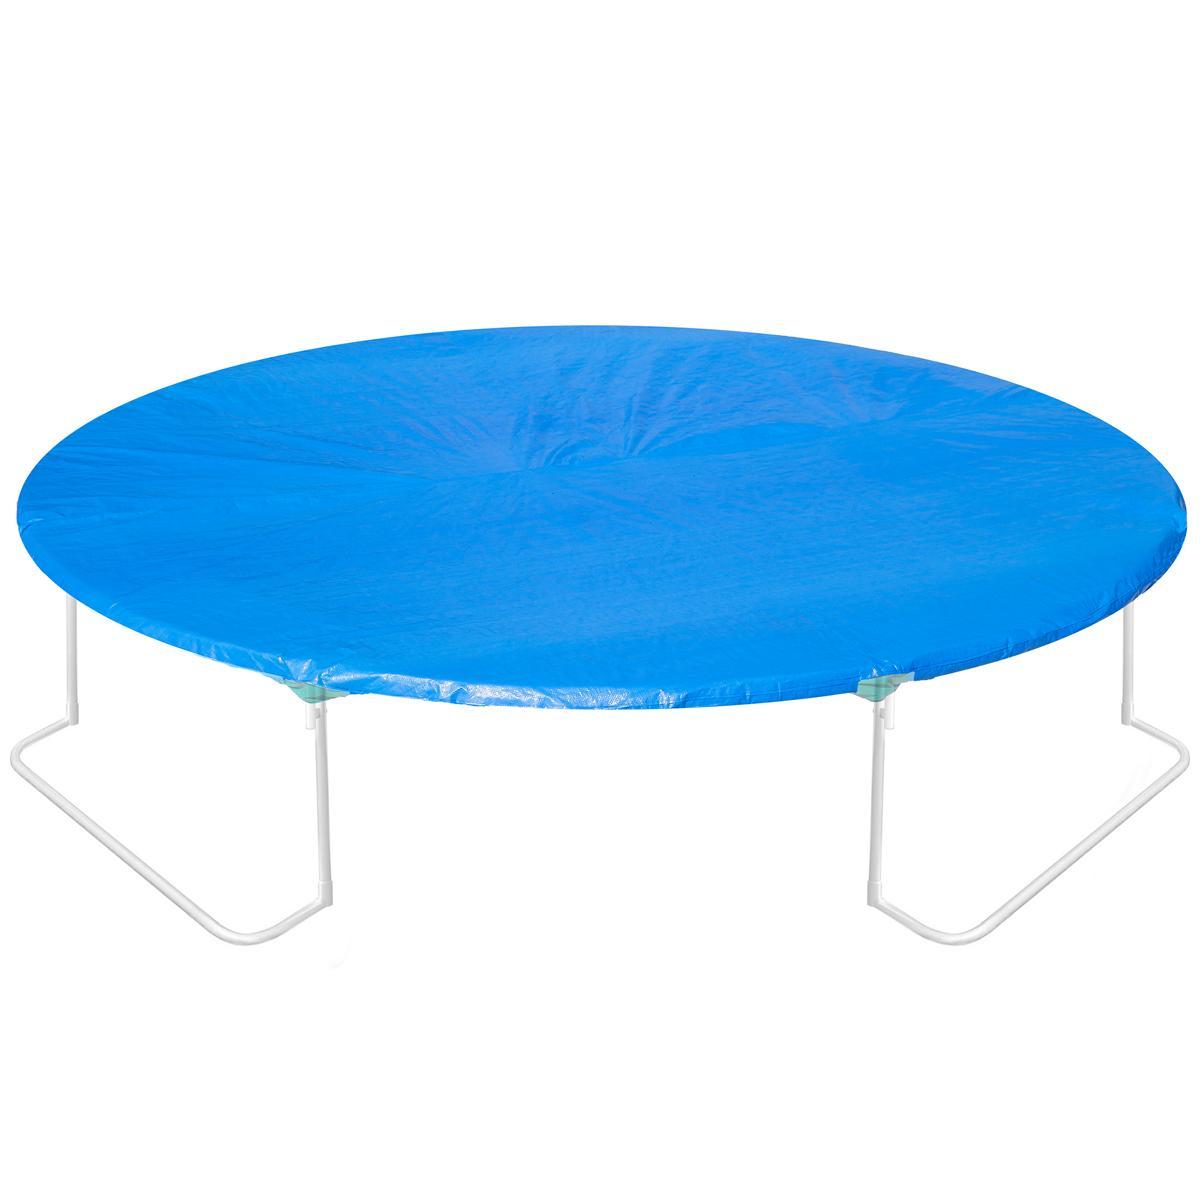 wetterschutzplane regenschutzplane f r trampoline 366 cm zubeh r f r gartentrampolin. Black Bedroom Furniture Sets. Home Design Ideas